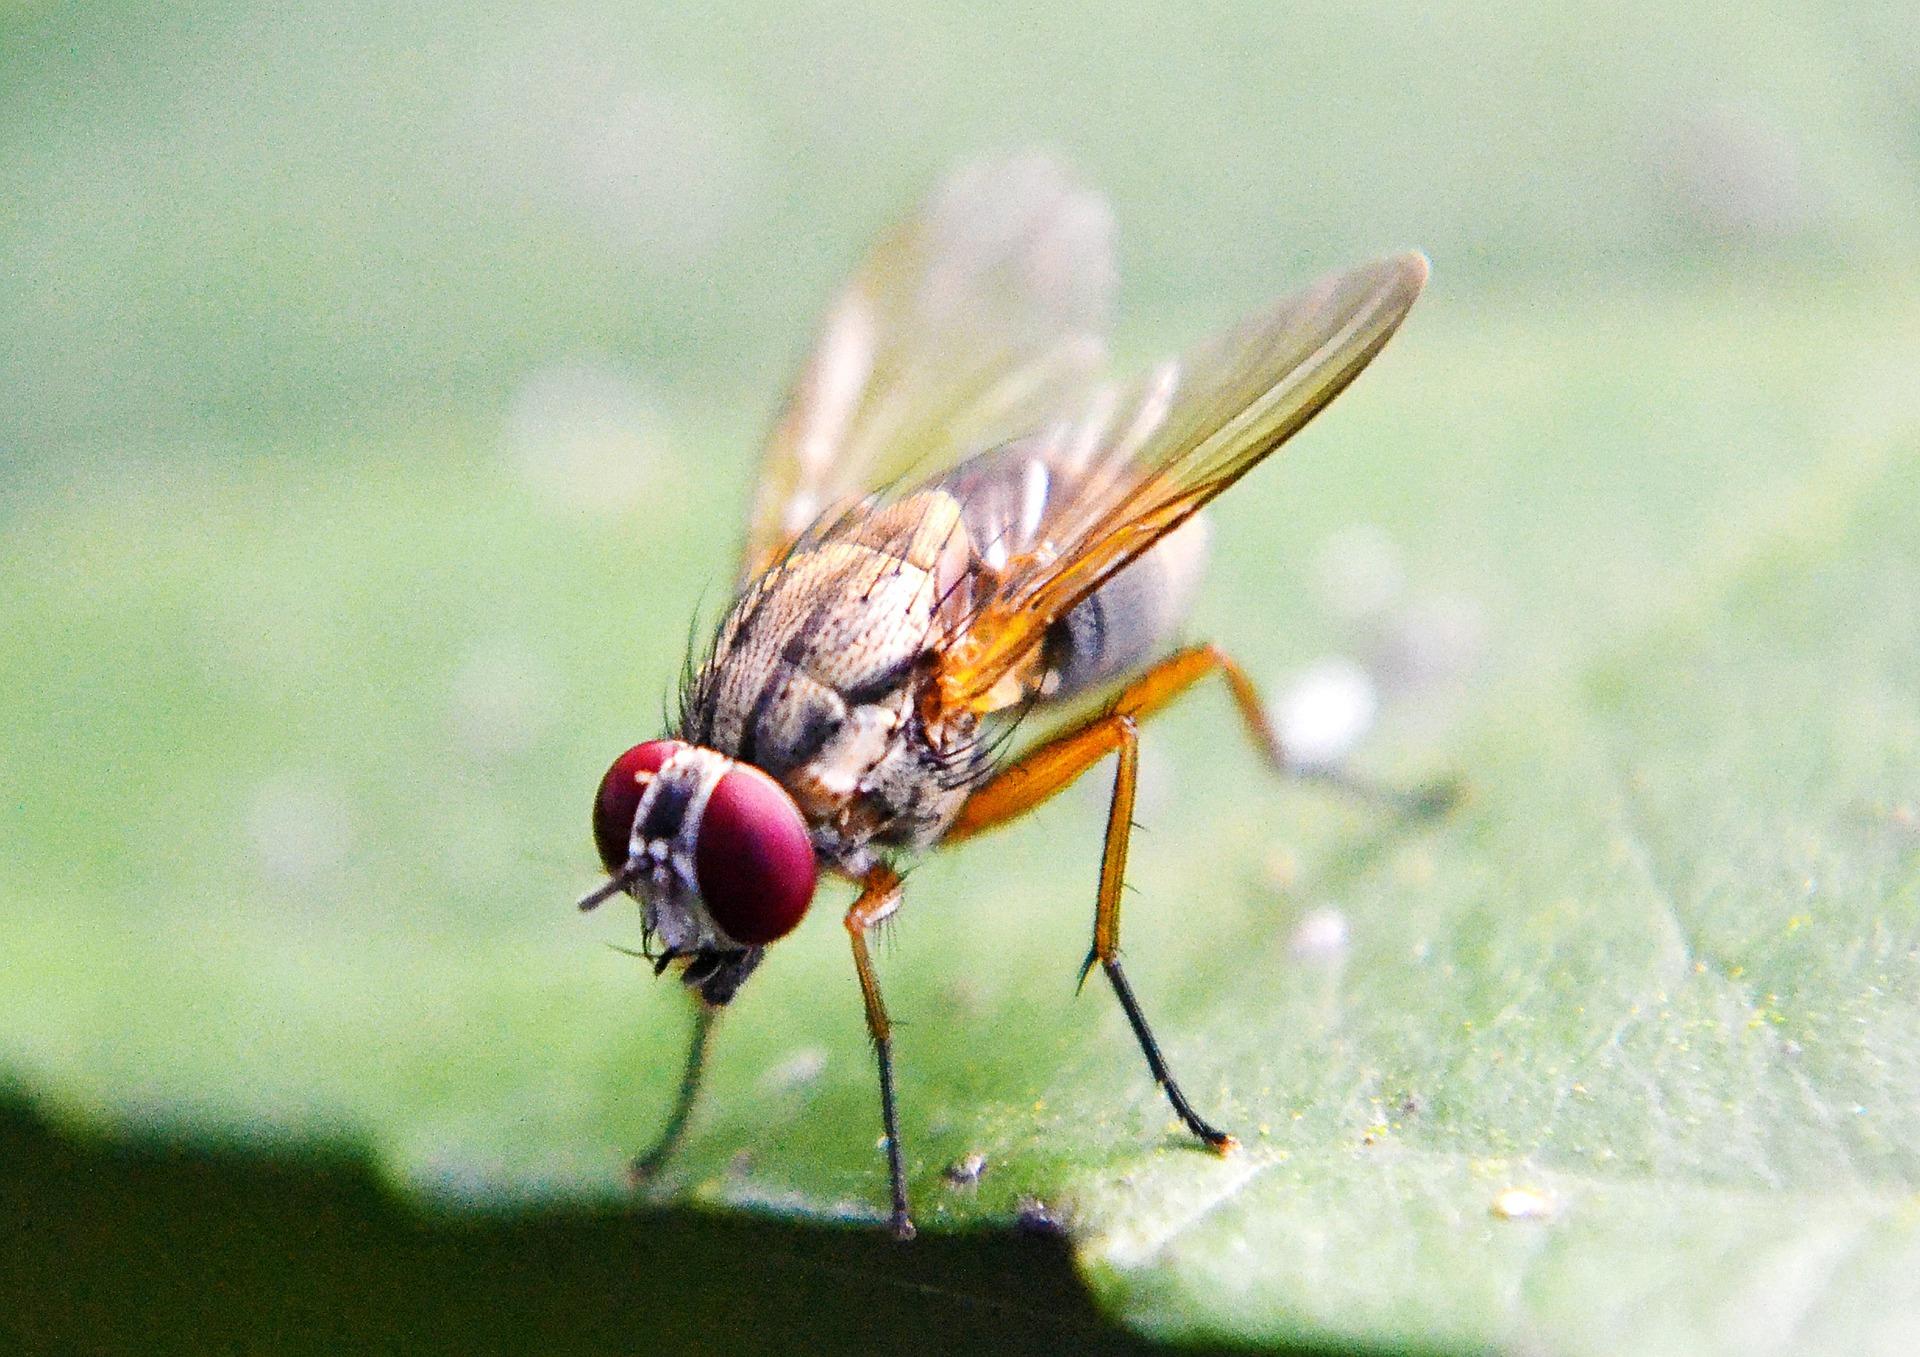 La mosca de la fruta revela una nueva forma de medir la consciencia